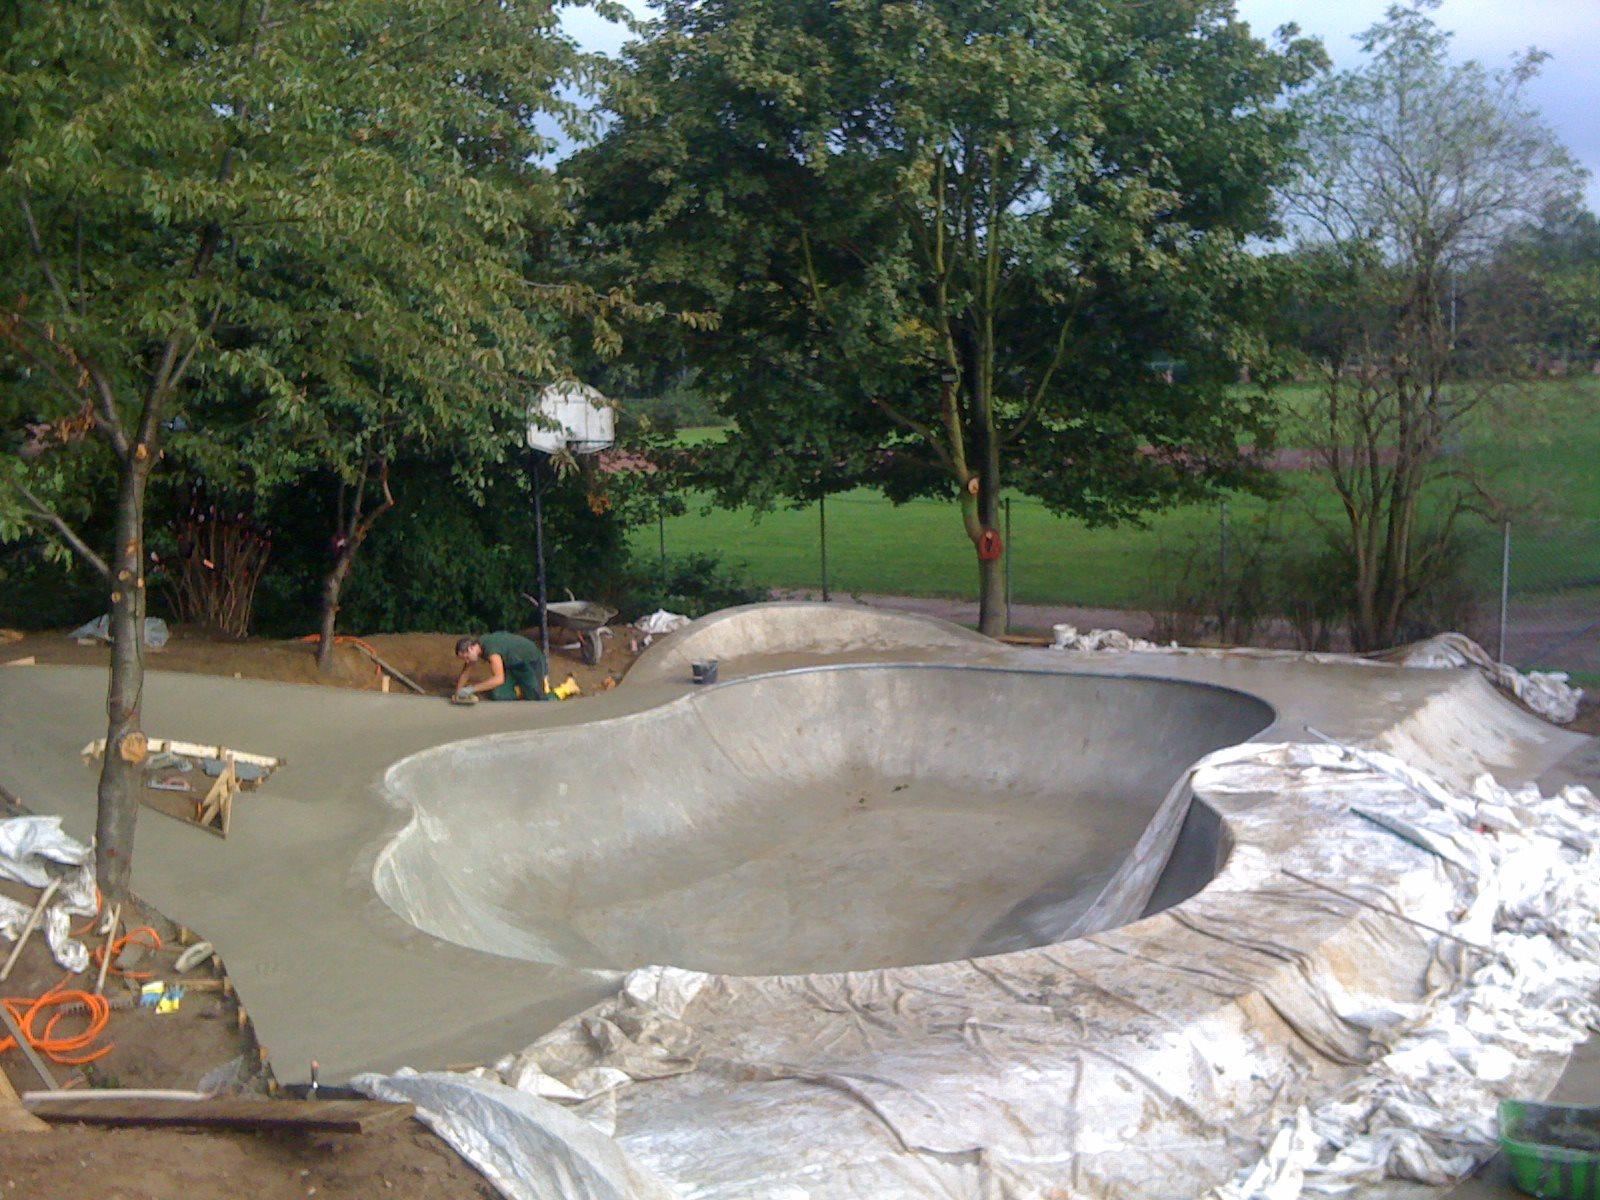 BAUstelle: Wir bauen einen Bowl!